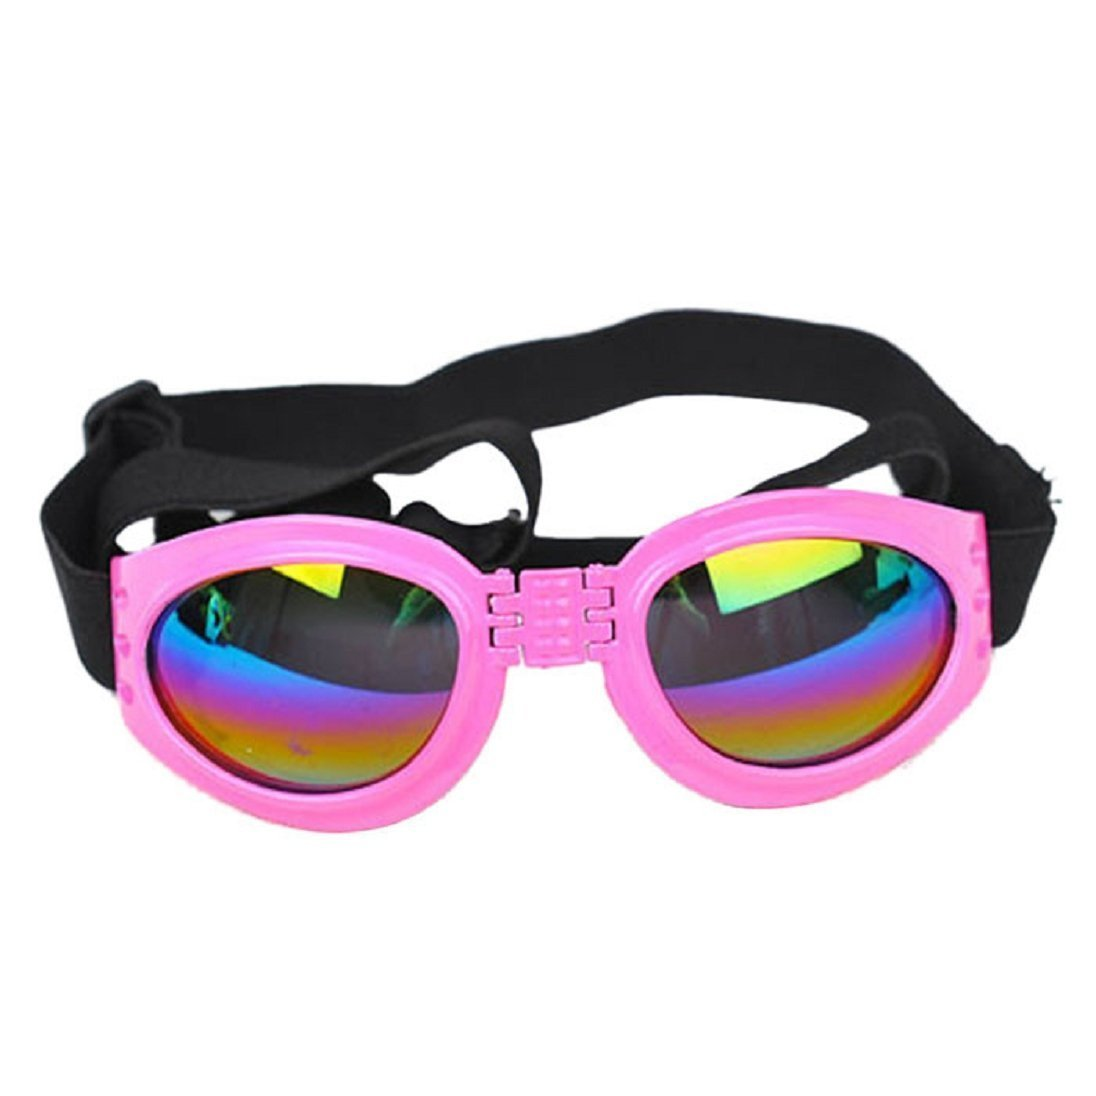 Kaisir Animaux de compagnie chien chat protection UV des lunettes de soleil pliable lentilles oeil protection contre l'usure avec sangle réglable (bleu)